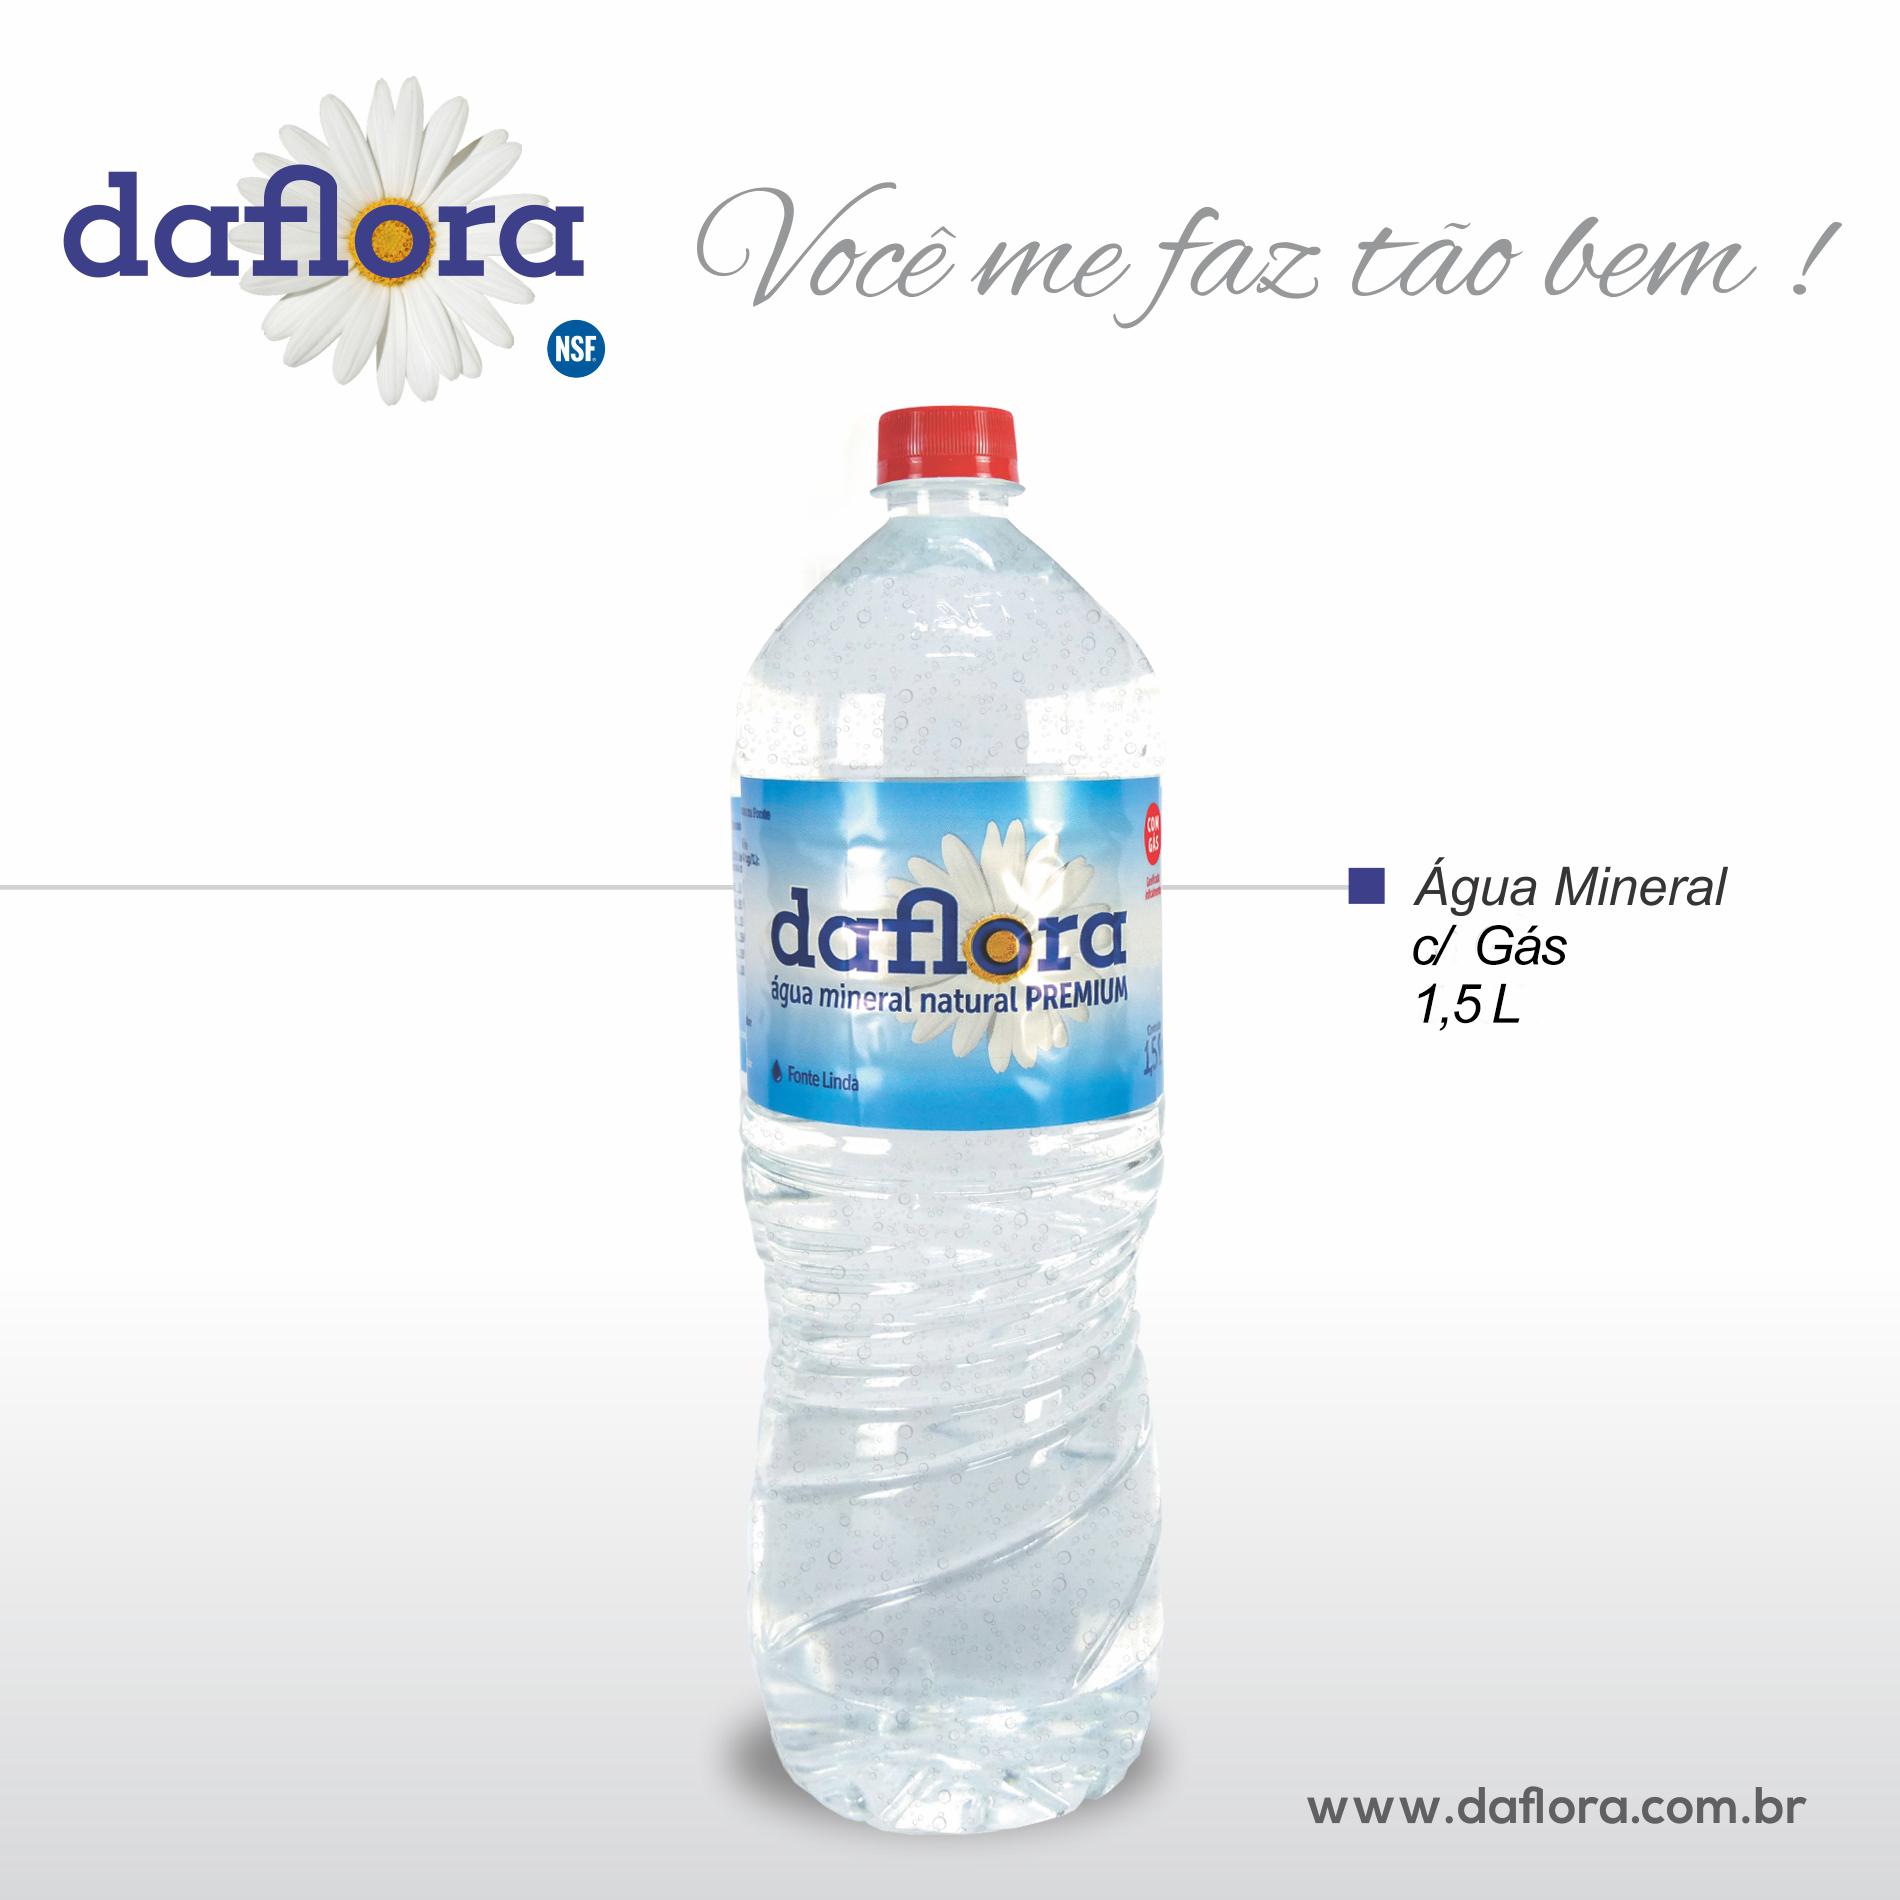 Garrafa PET Daflora 1,5 litros com gás